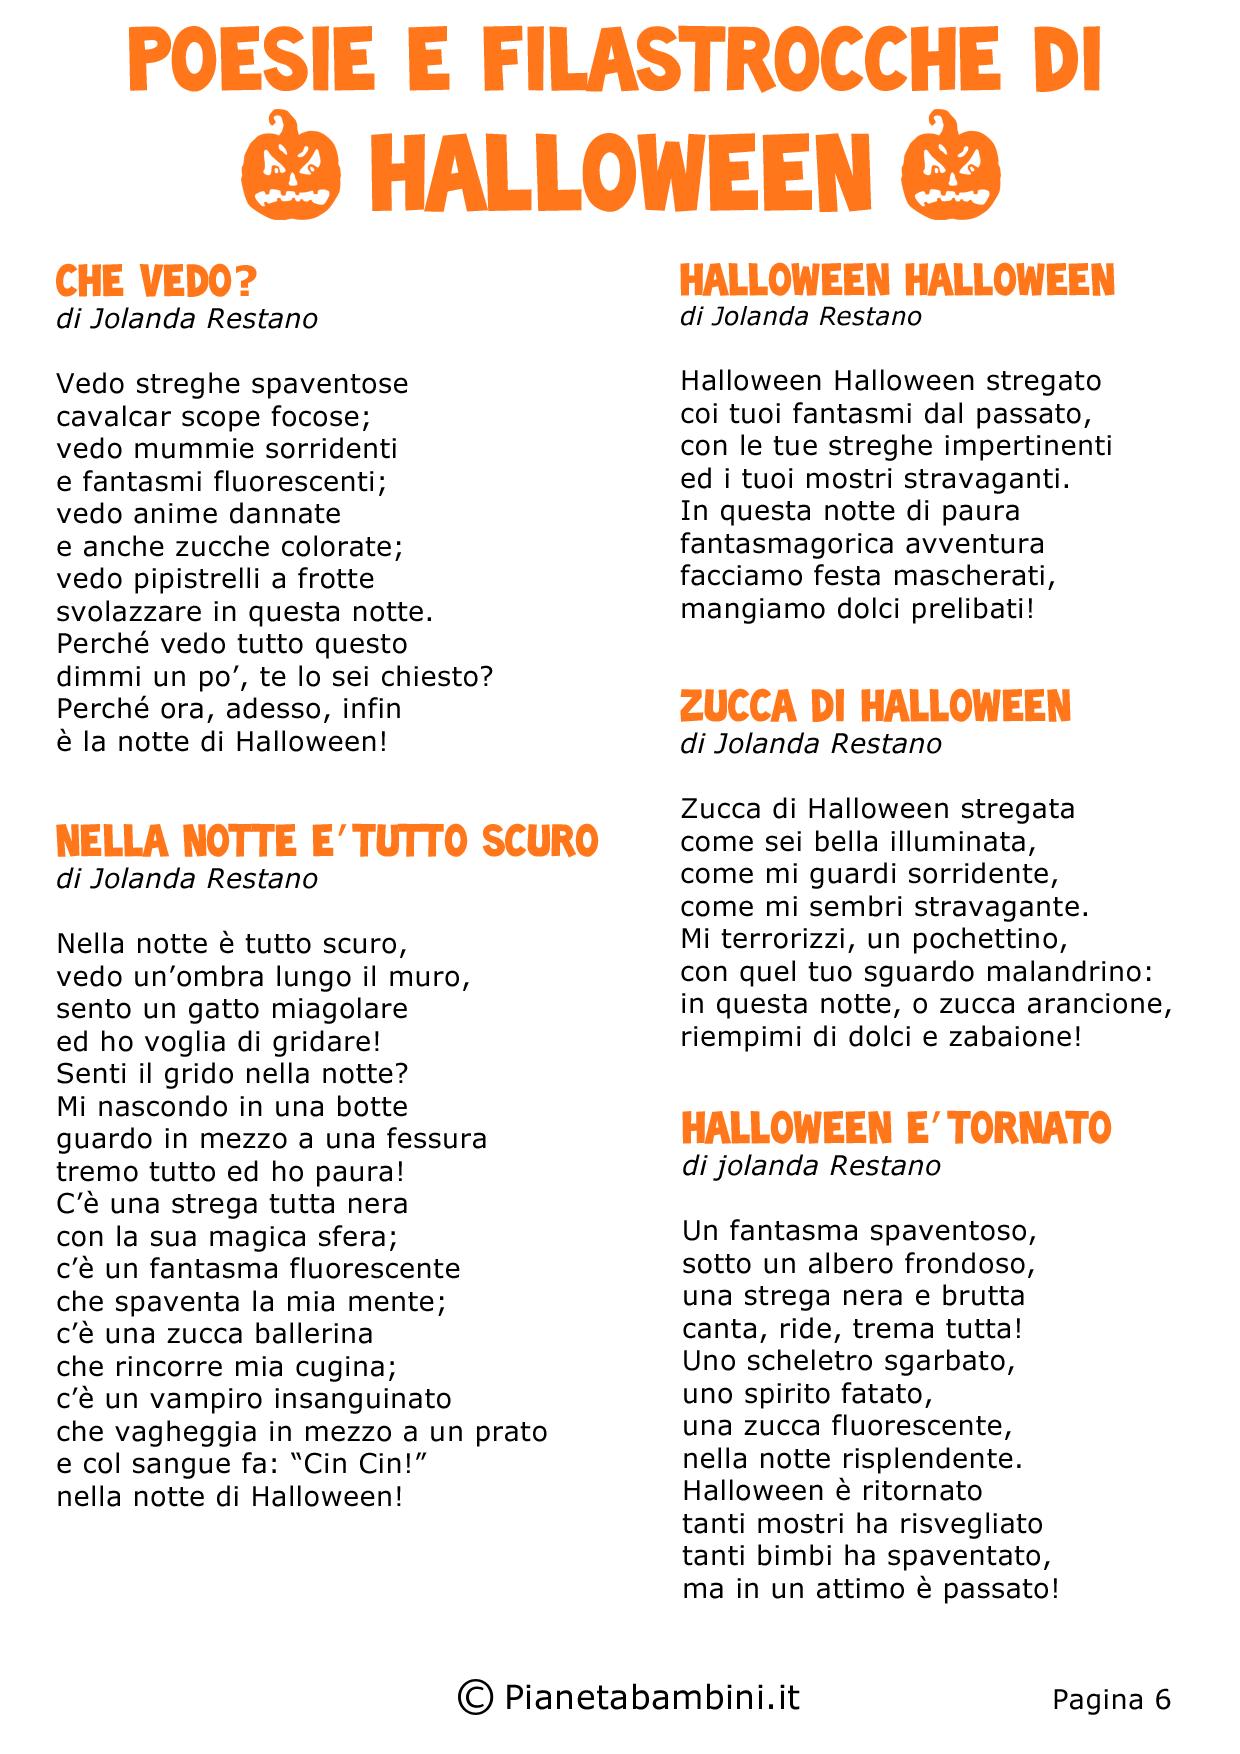 Poesie-Filastrocche-Halloween-6